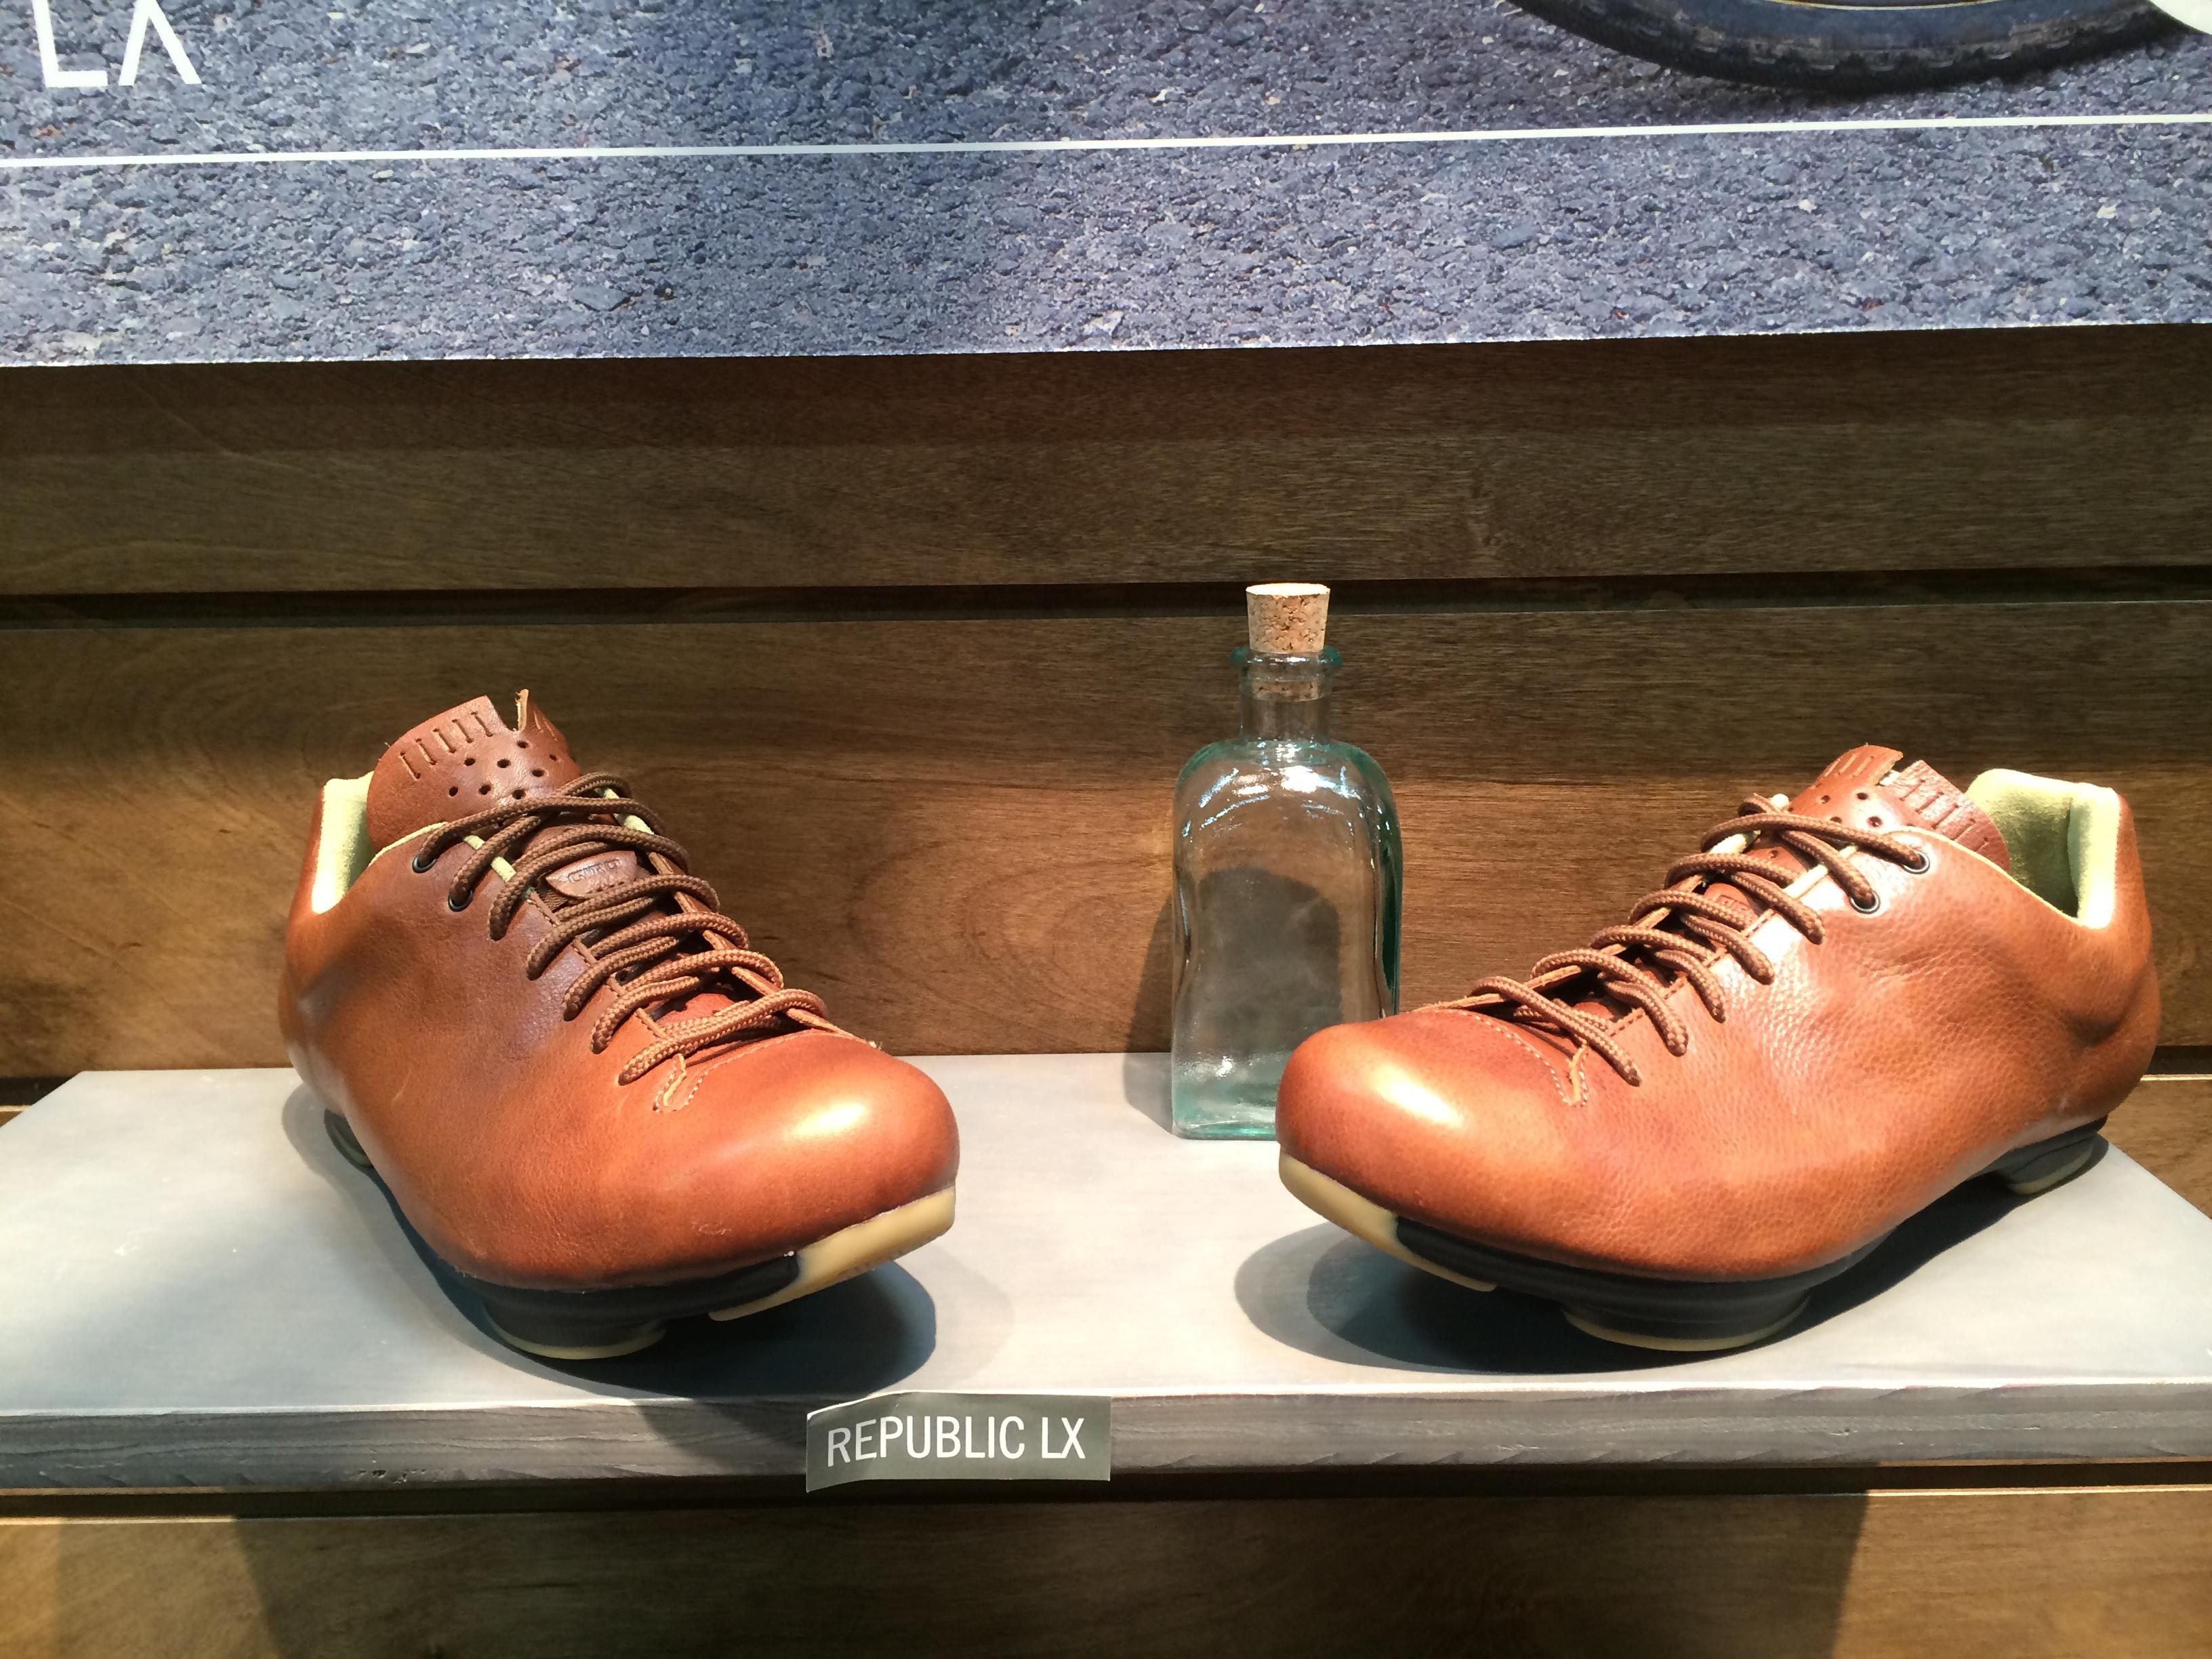 Republic LX shoes